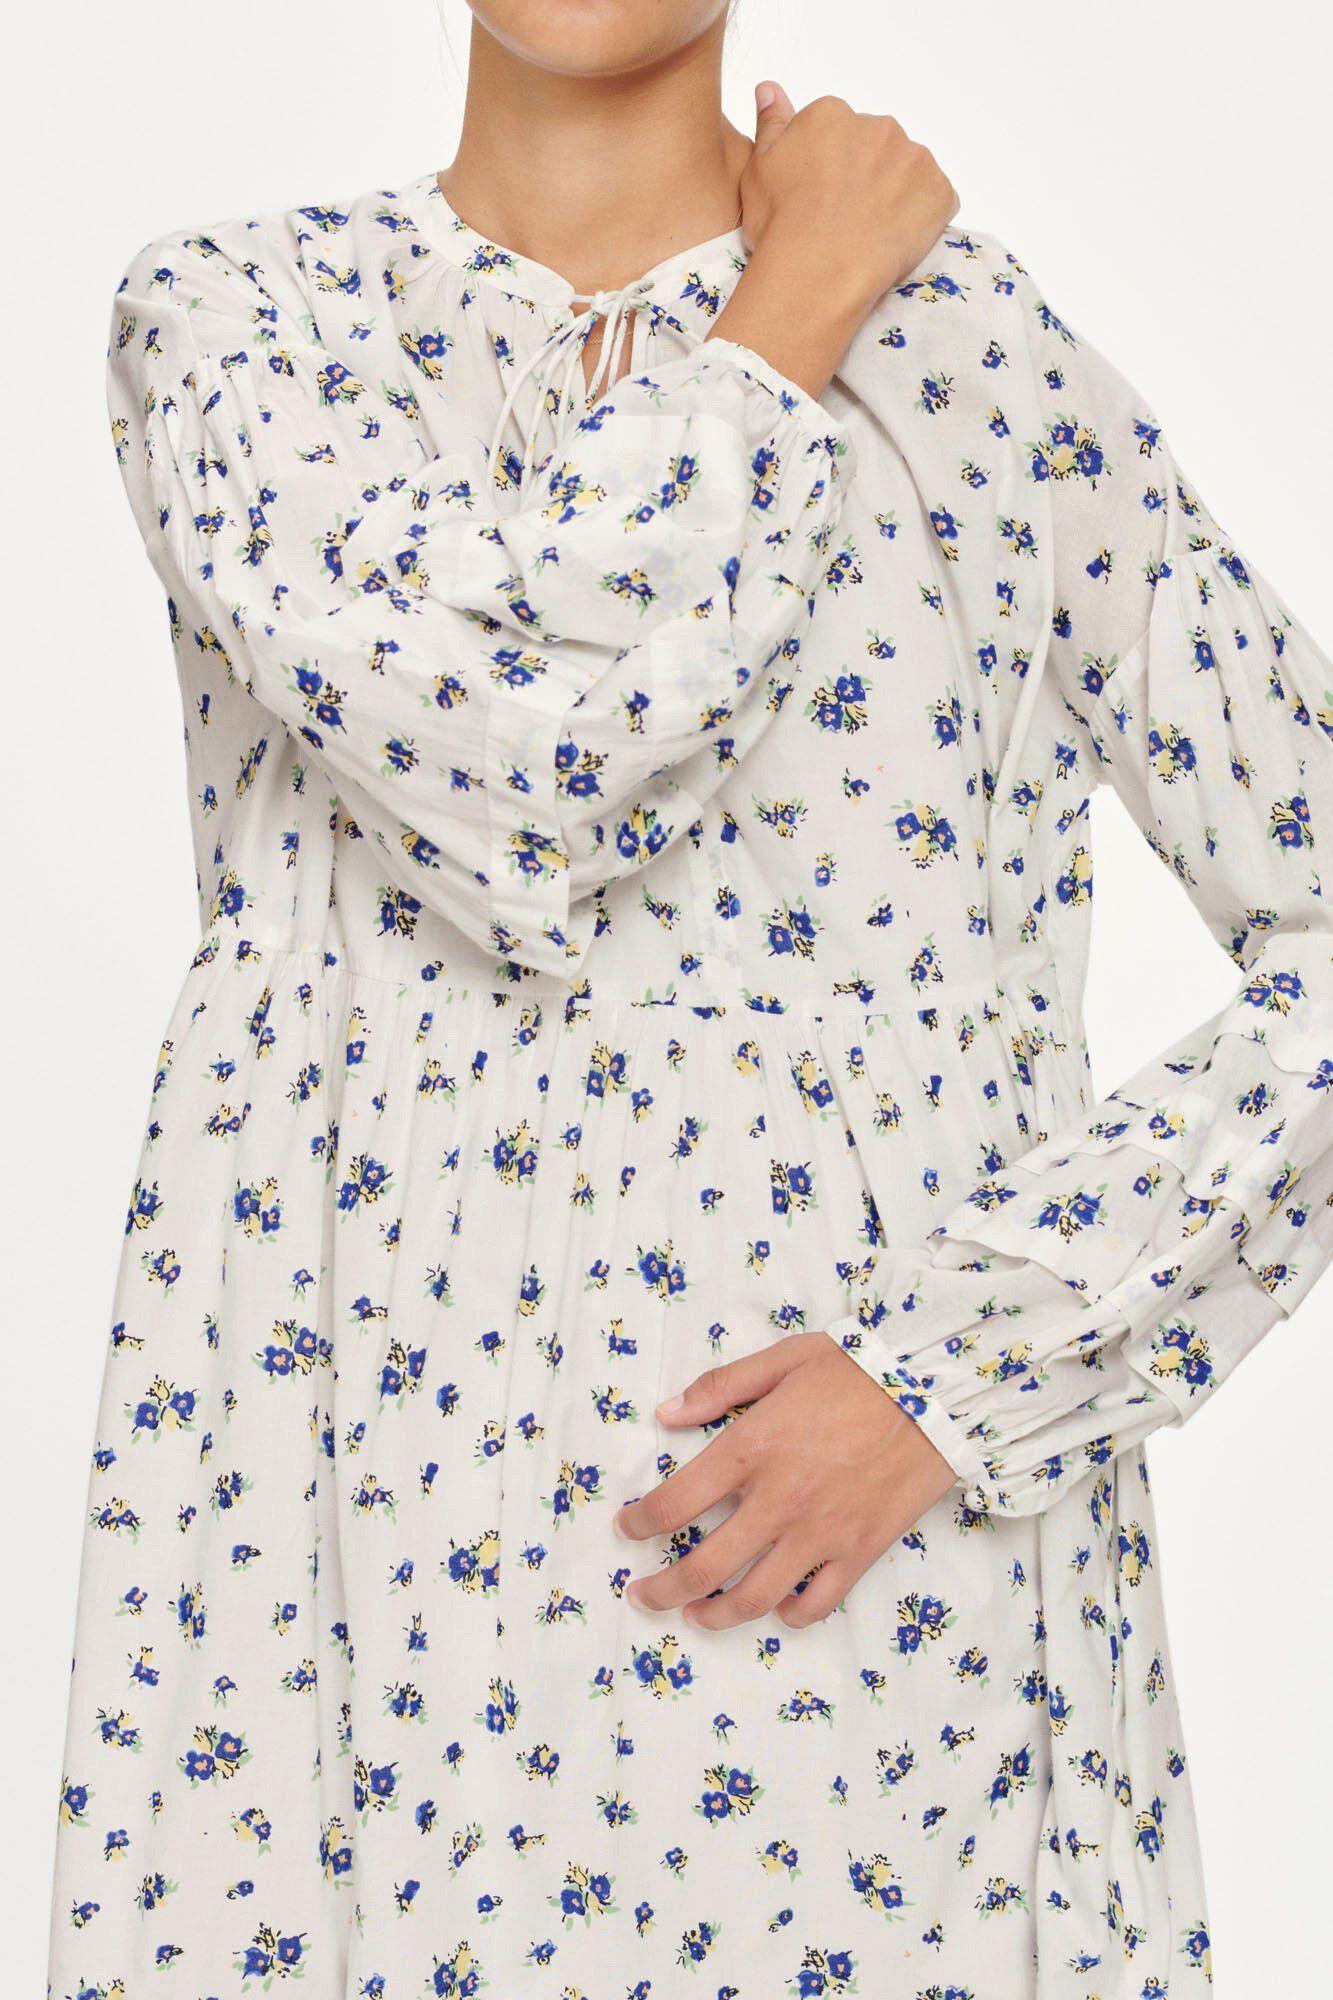 Roya dress aop 11462